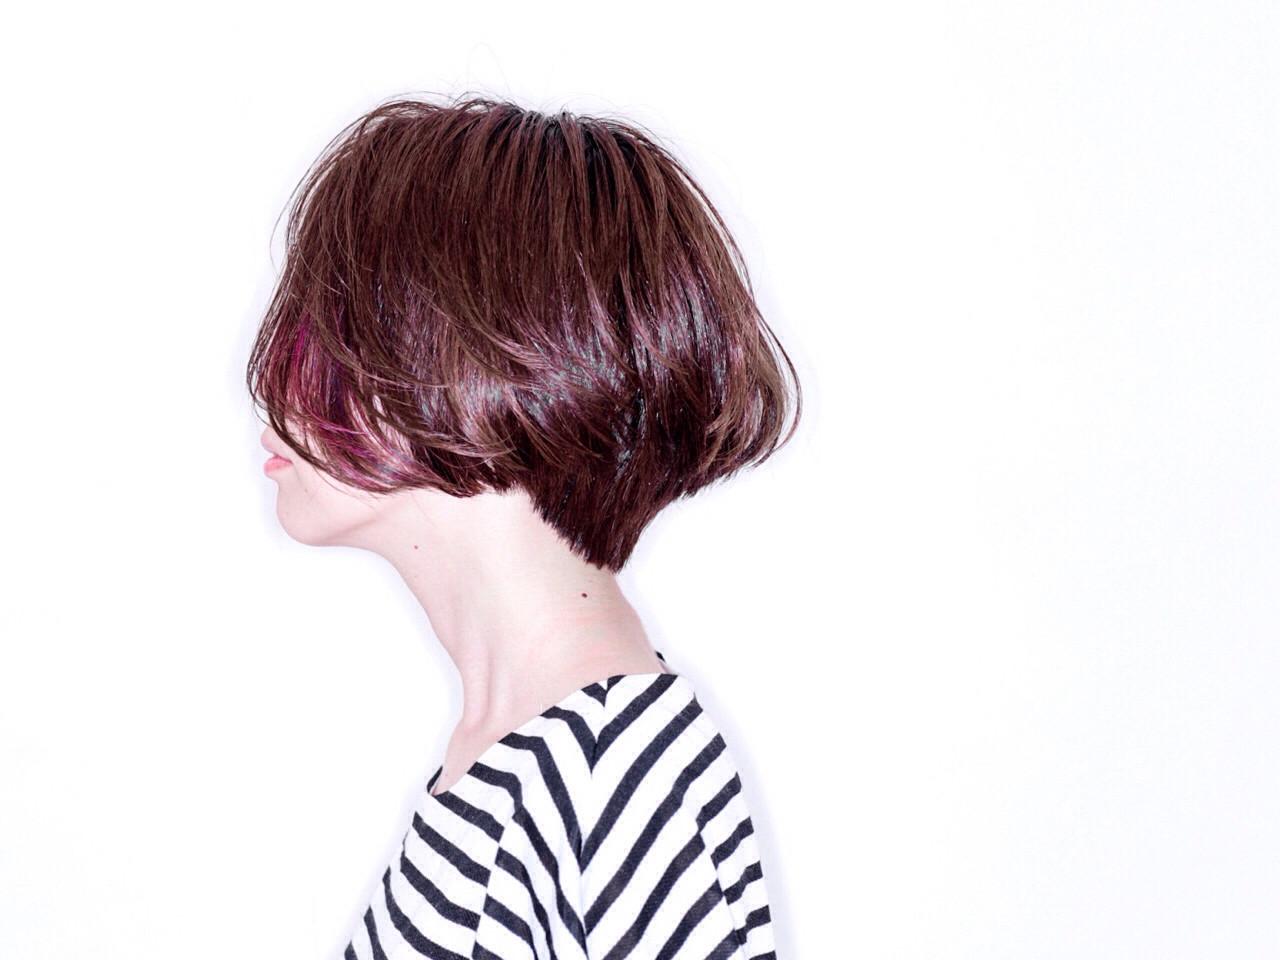 ボブ 外国人風 ショート ハイライト ヘアスタイルや髪型の写真・画像 | 友田 徳政 / Hair dressing Bis!